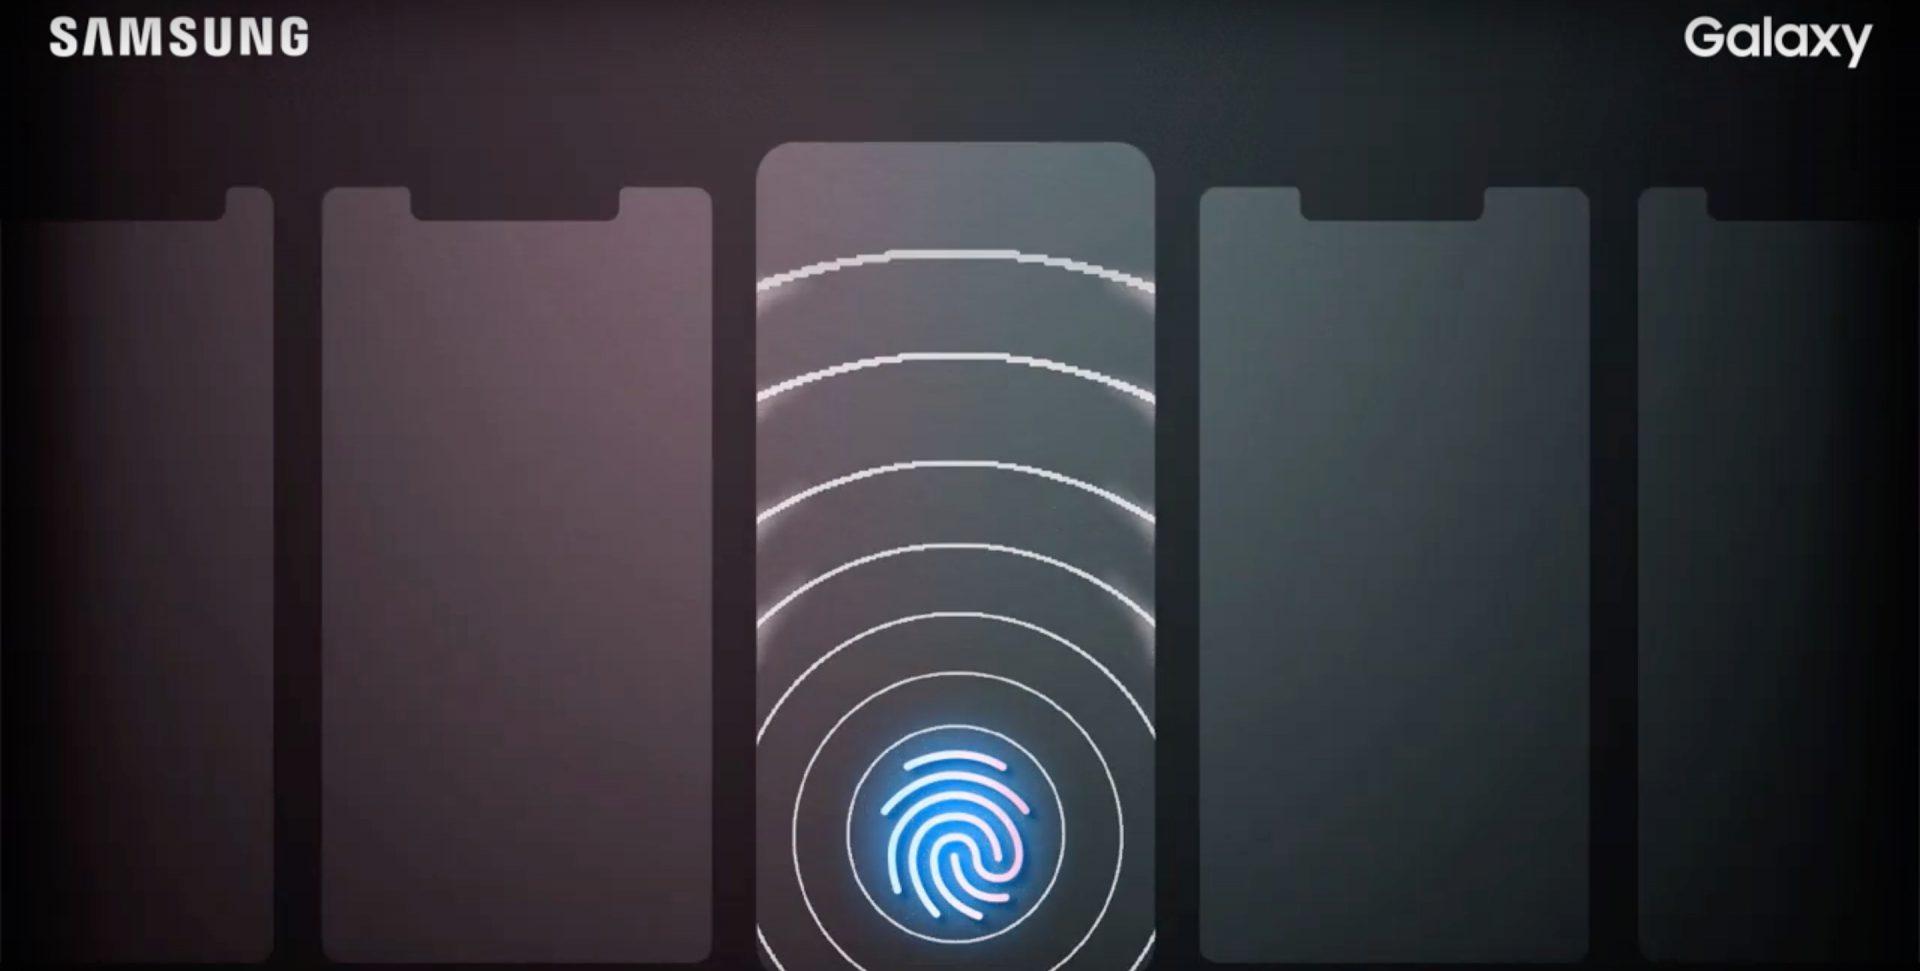 Samsung tung teaser hé lộ tính năng cho siêu phẩm Galaxy S mới